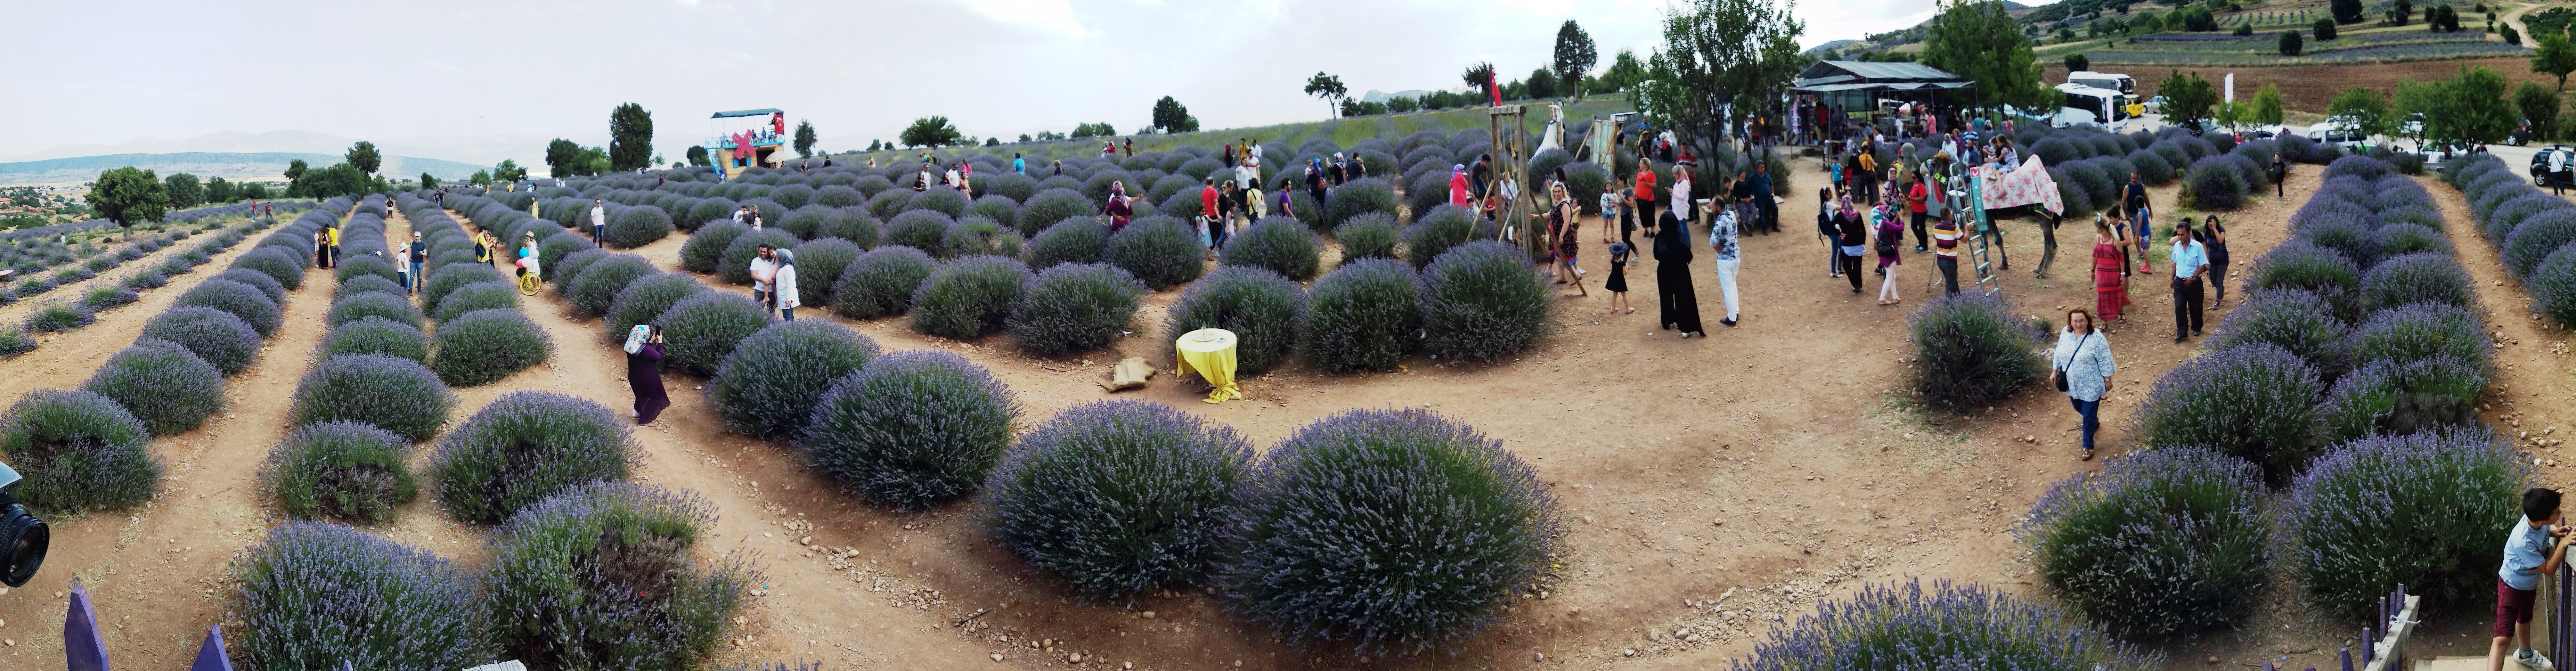 Lavanta bahçesi Isparta